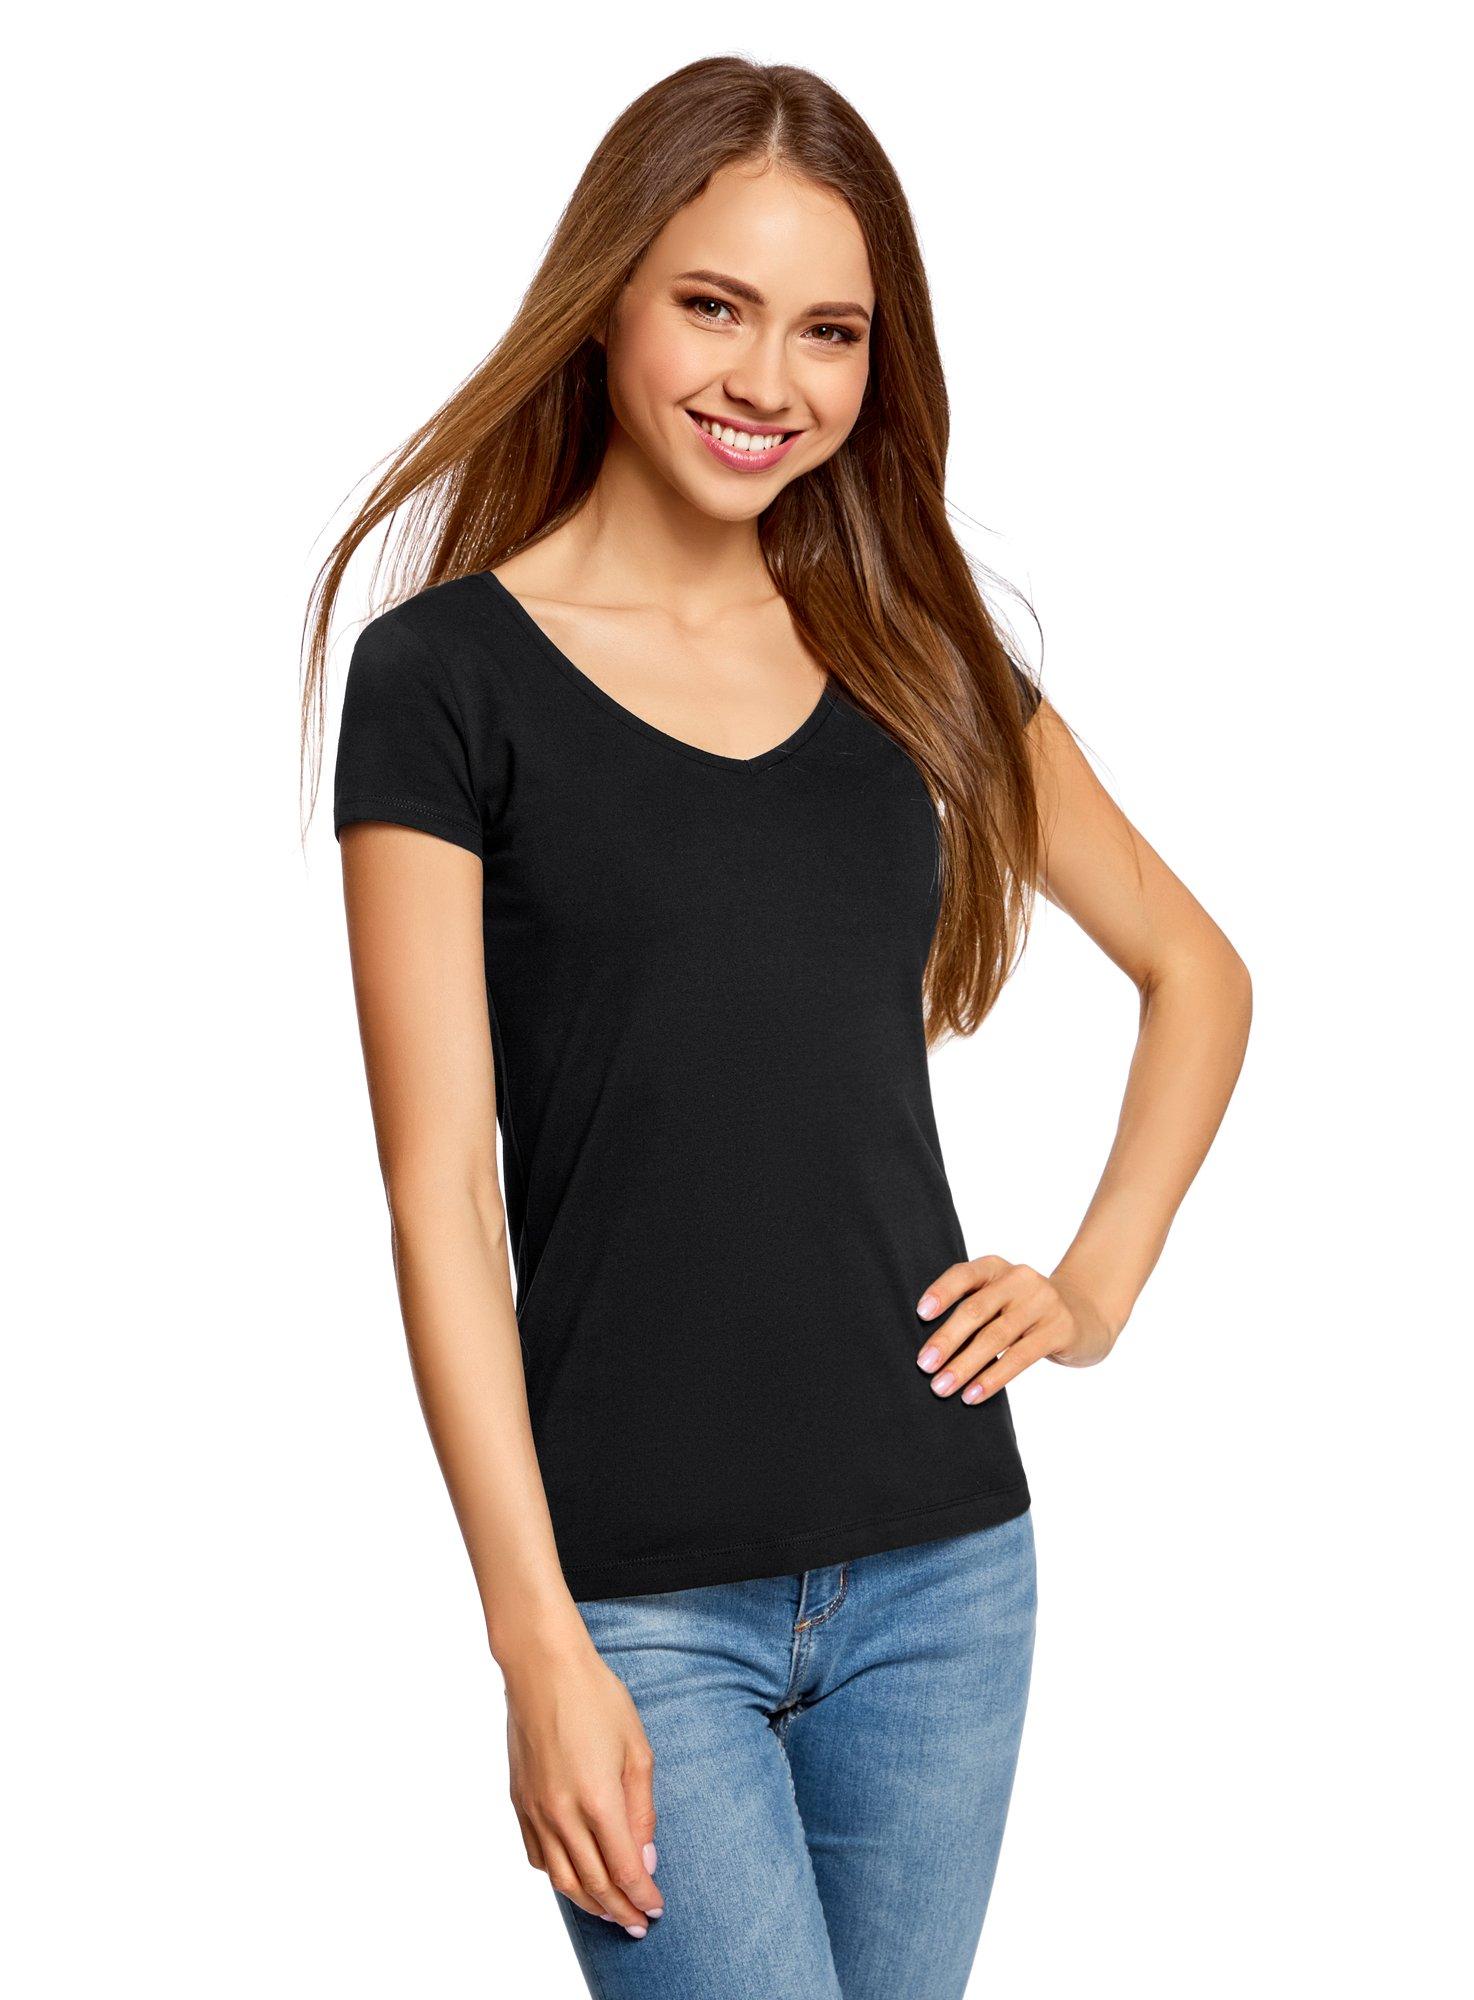 7767d6121b oodji Collection Mujer Camiseta Básica con Escote en V sin Etiqueta